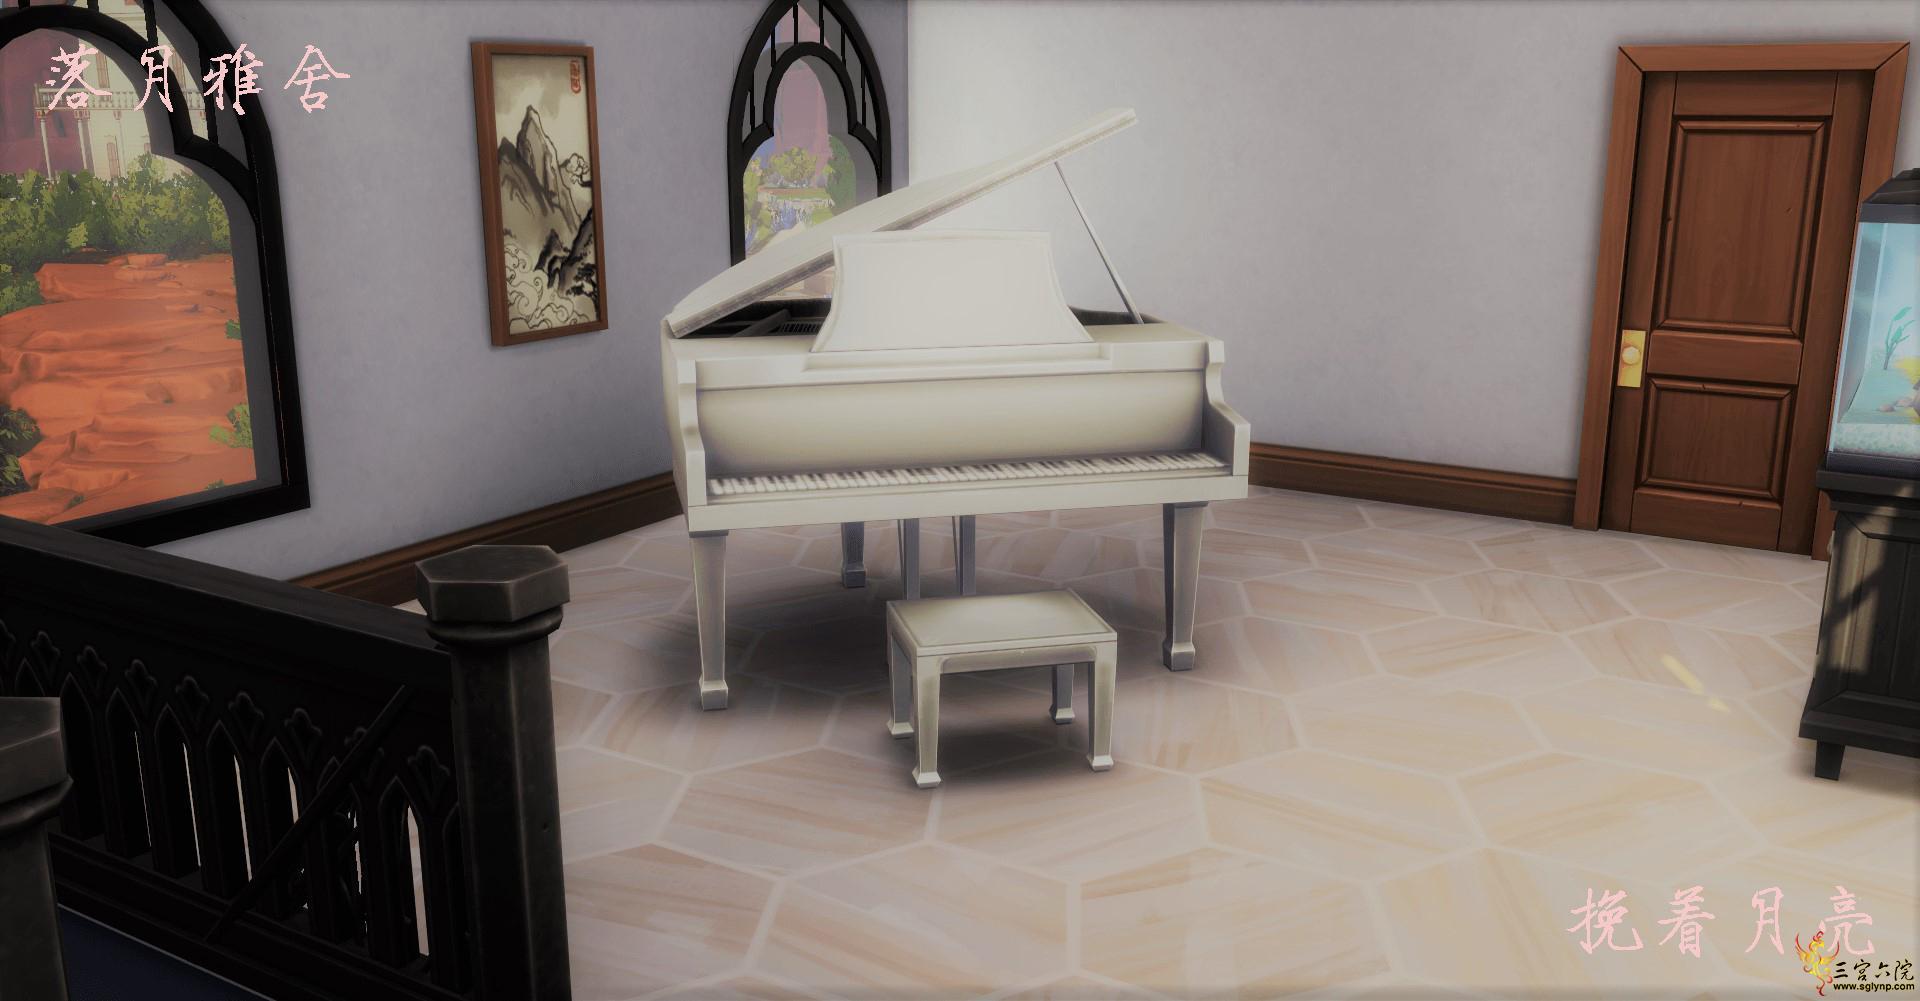 挽着月亮-落月雅舍-钢琴区.jpg